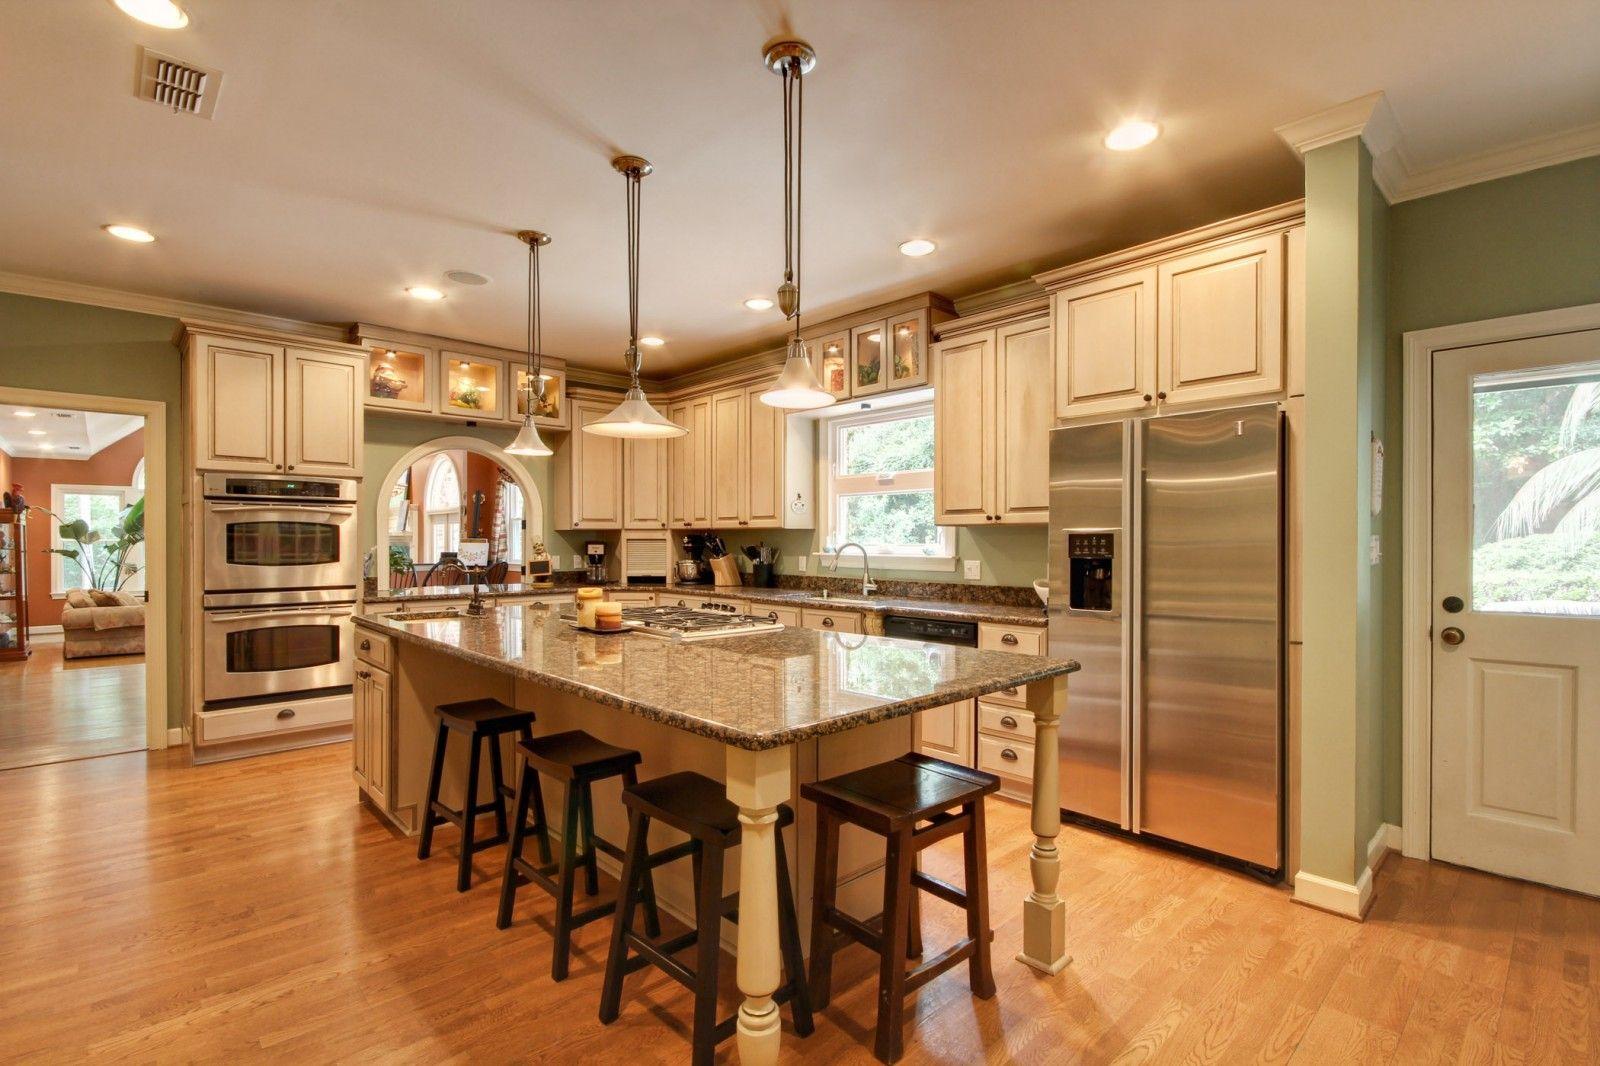 kitchen renovations for split level home - Kitchen Renovations